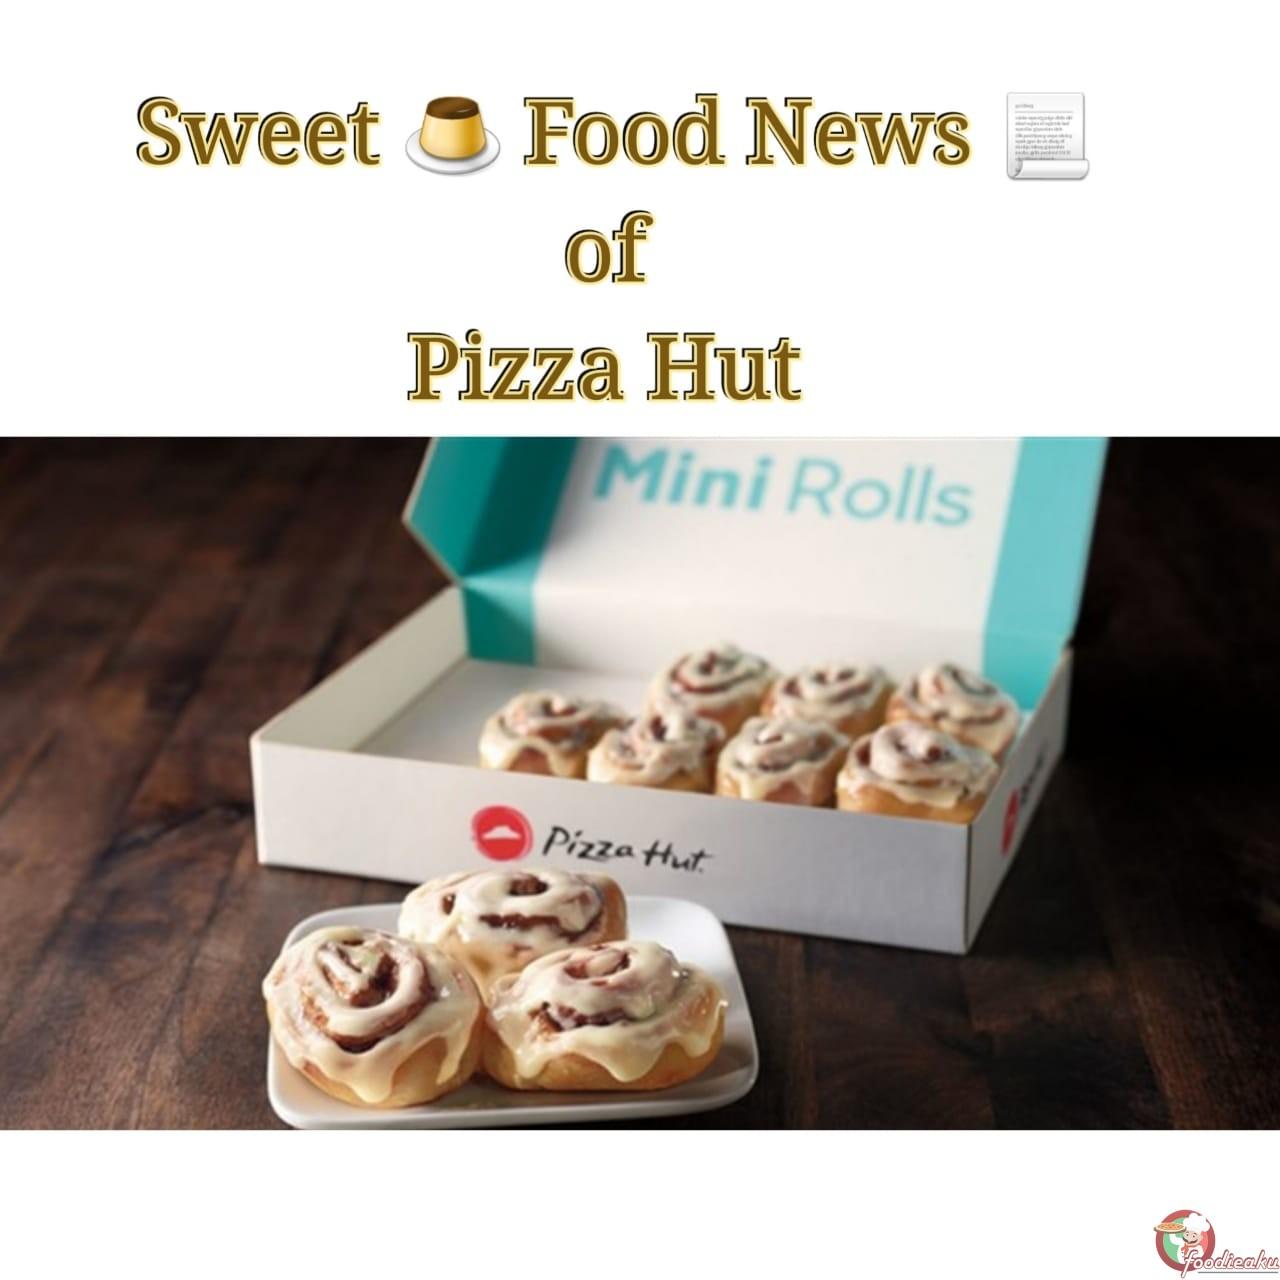 Sweet food news of Pizza Hut